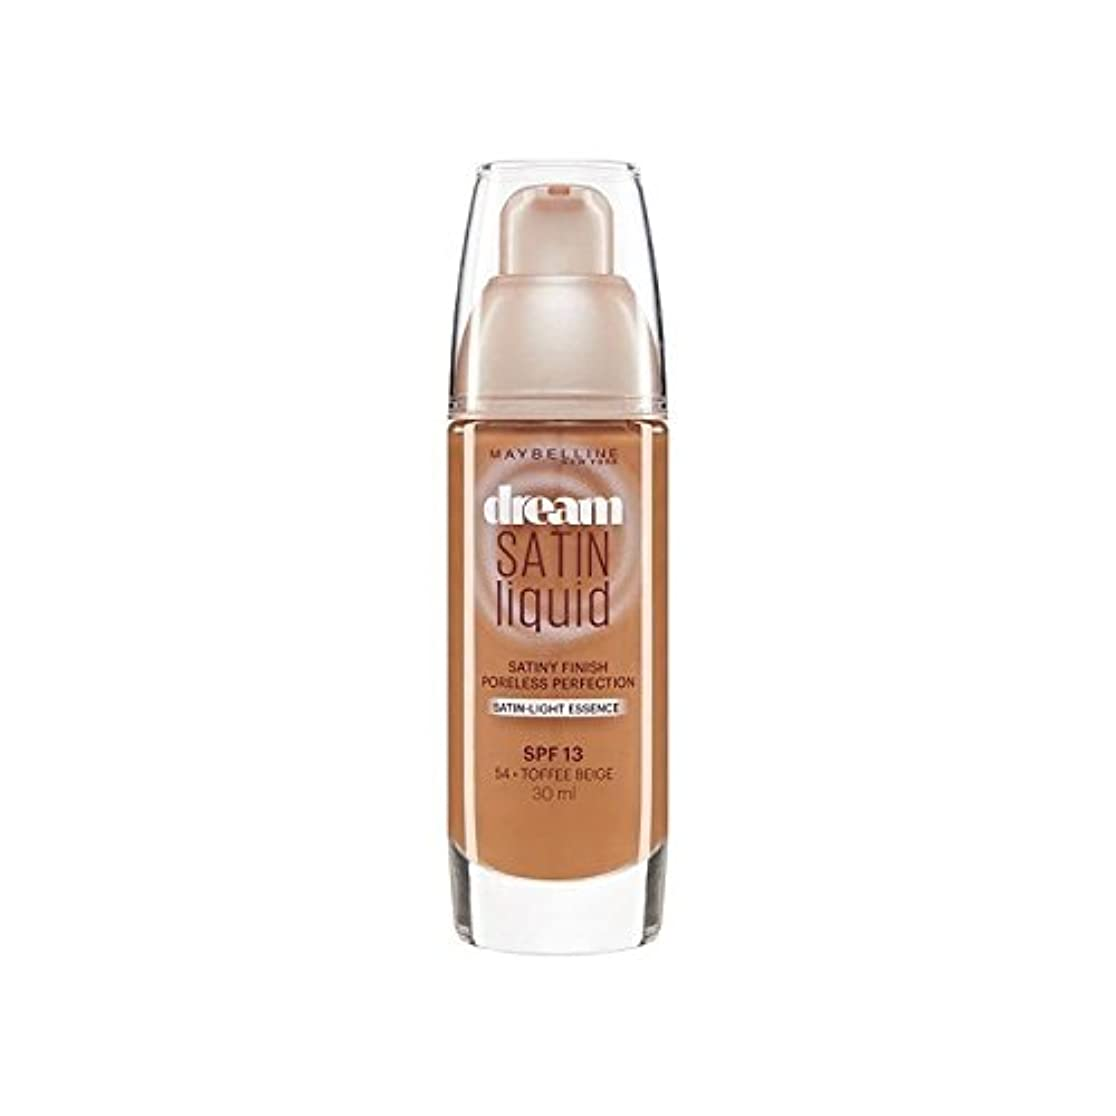 シャックルほとんどの場合誤解Maybelline Dream Satin Liquid Foundation 54 Toffee 30ml (Pack of 6) - メイベリン夢サテンリキッドファンデーション54タフィー30ミリリットル x6 [...